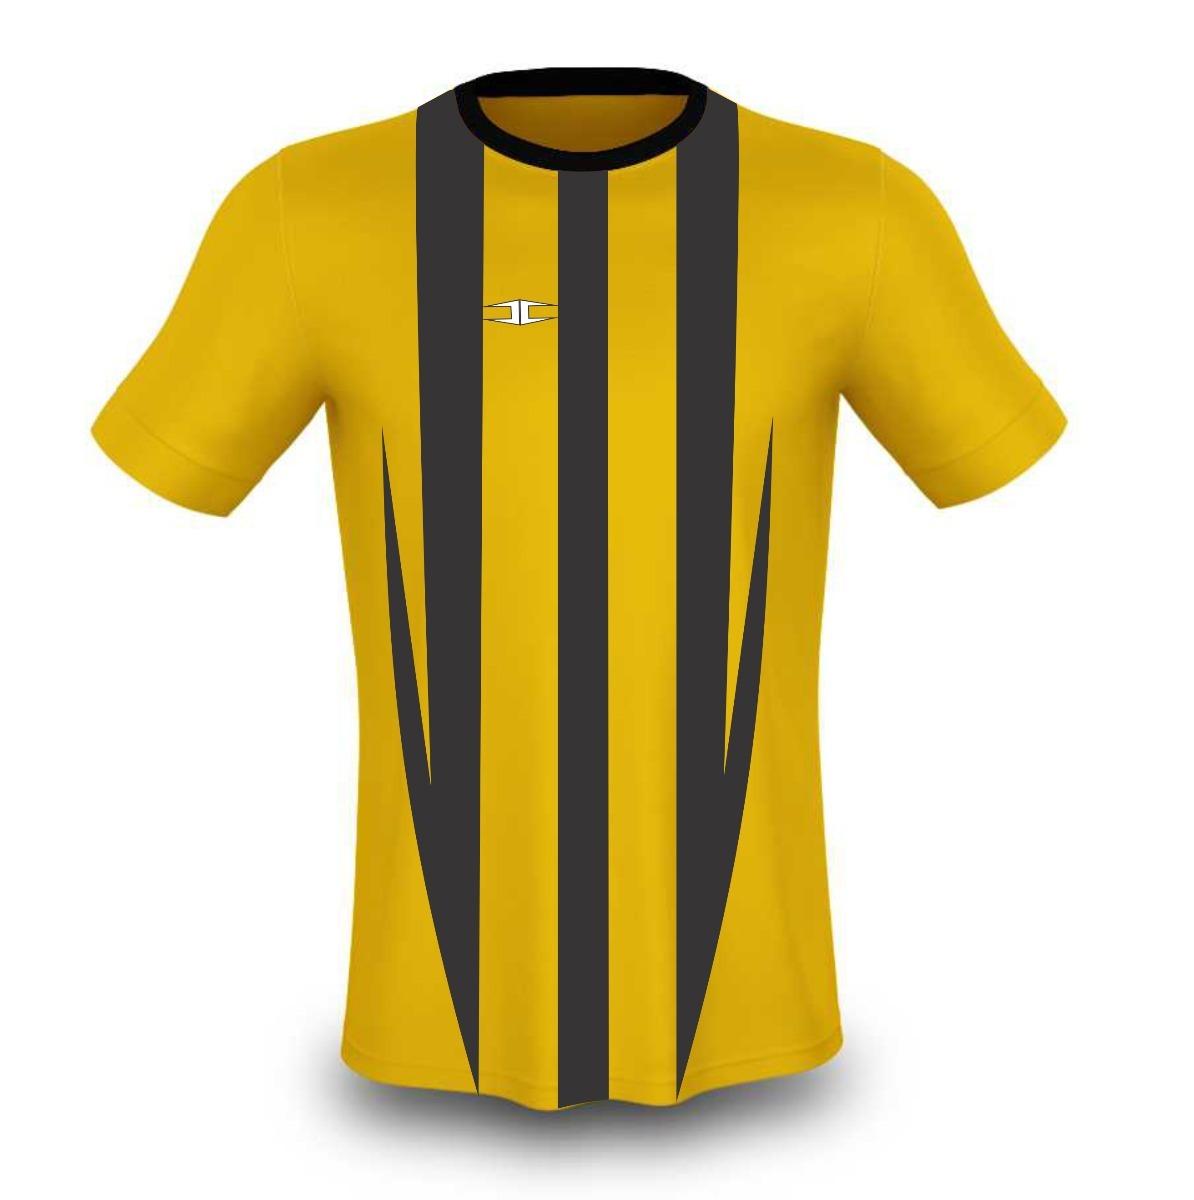 b4354e56f0f7c pack camiseta futbol equipo de 10 komba play c numeros. Cargando zoom.